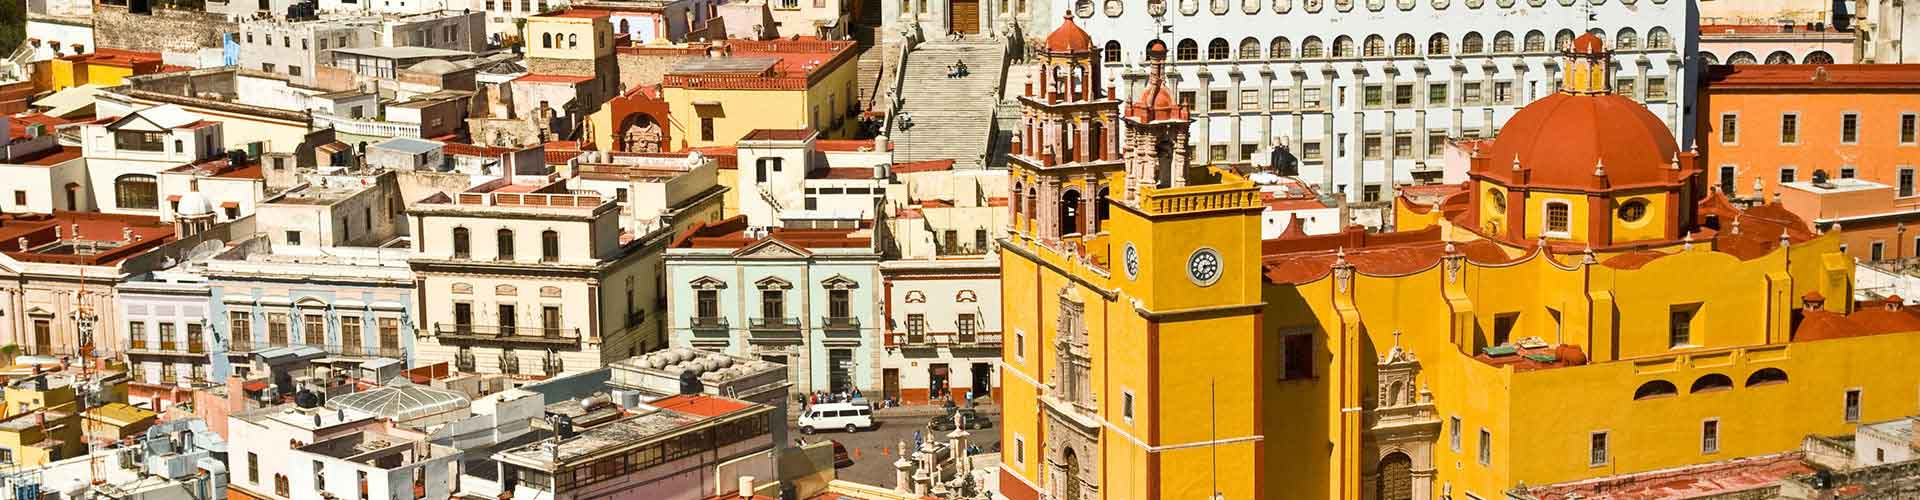 Guanajuato - Hostales en Guanajuato. Mapas de Guanajuato, Fotos y comentarios de cada Hostal en Guanajuato.